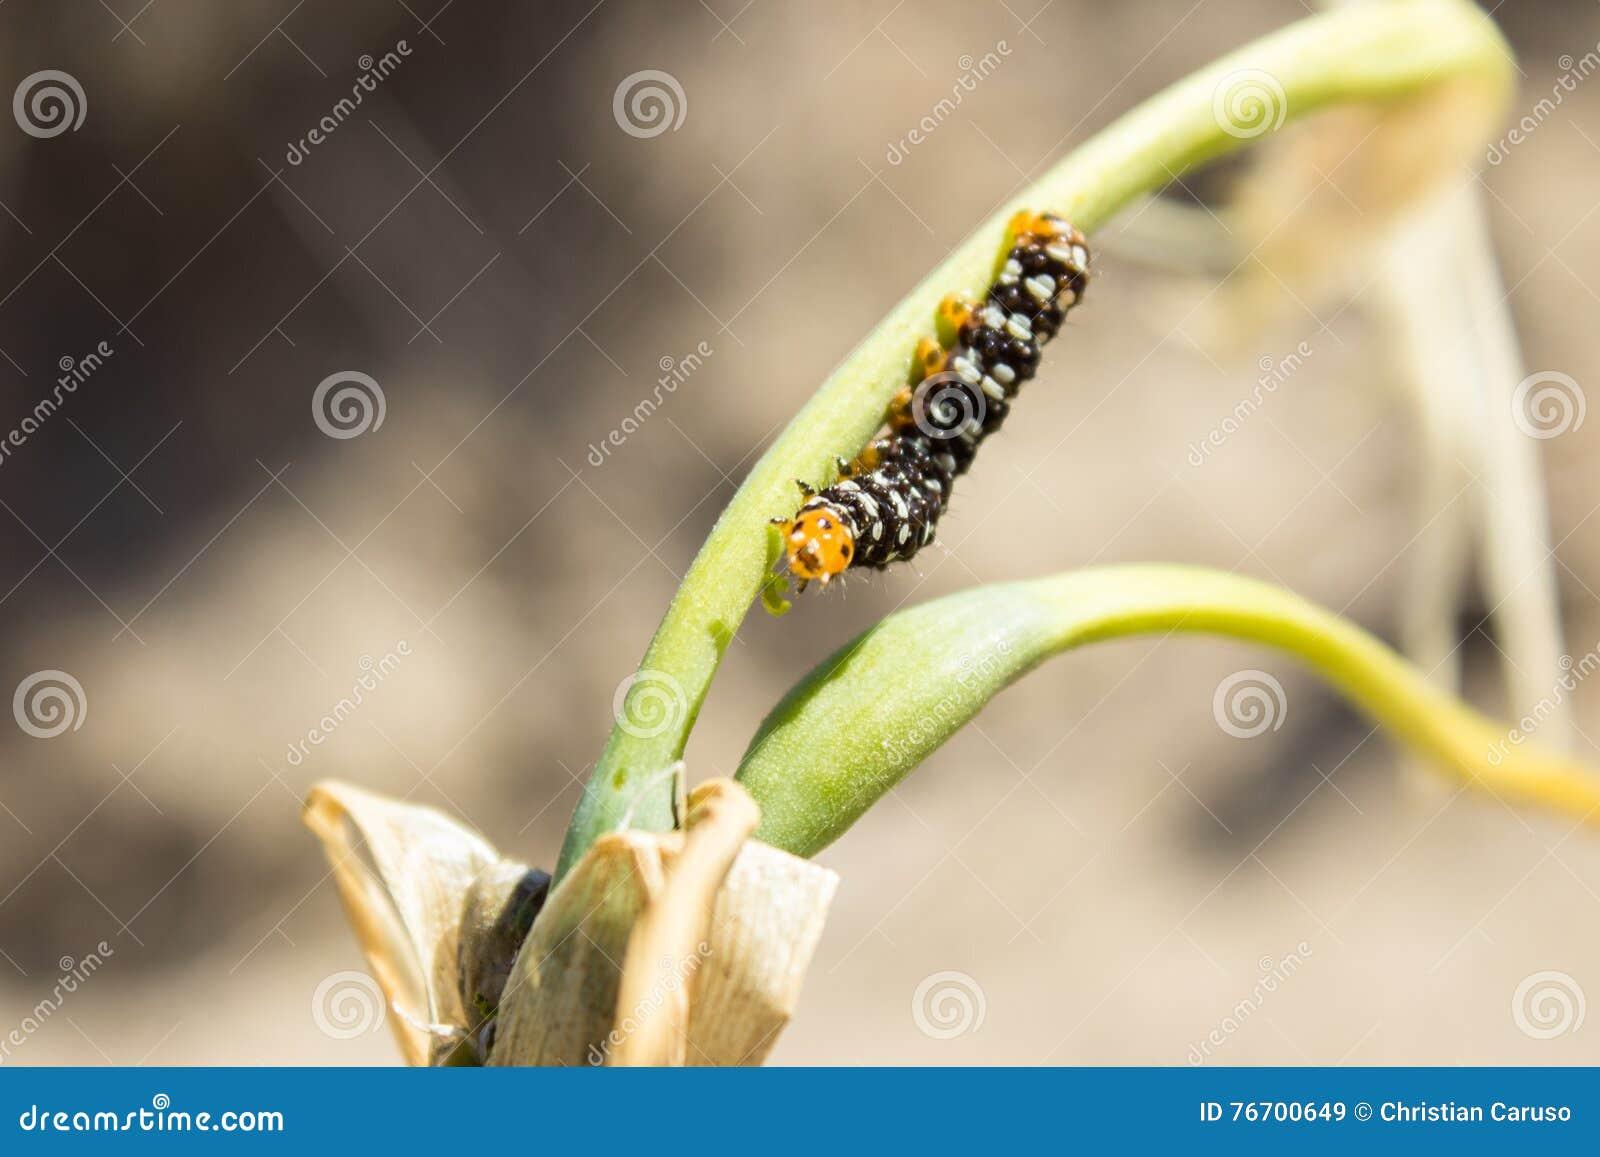 Larven är förtjust av växter och blommor